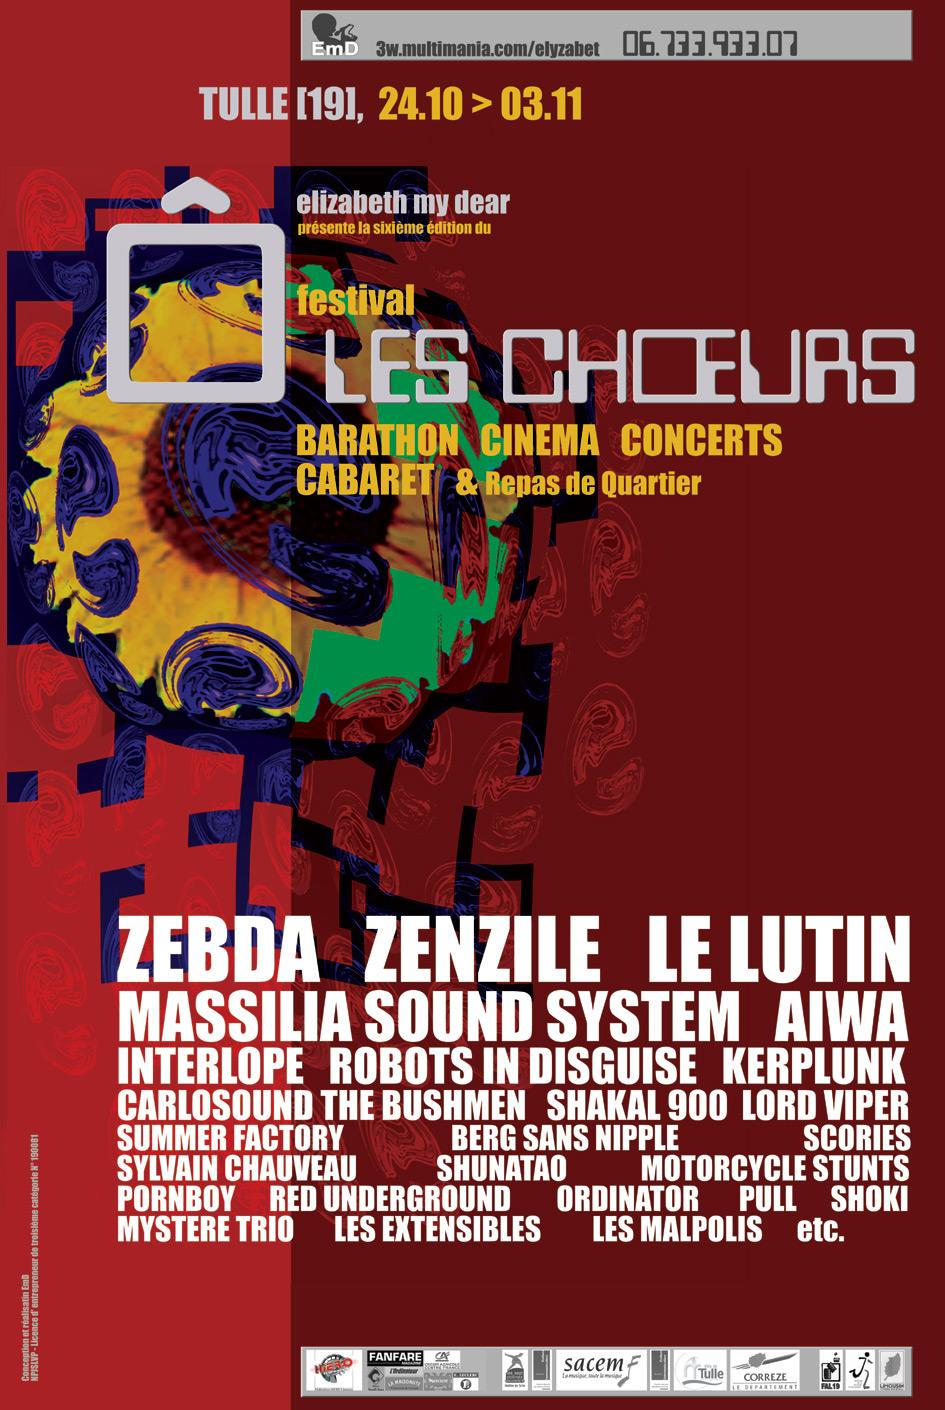 Affiche de l'édition 2002 du festival Ô Les Choeurs - Archives Elizabeth My Dear